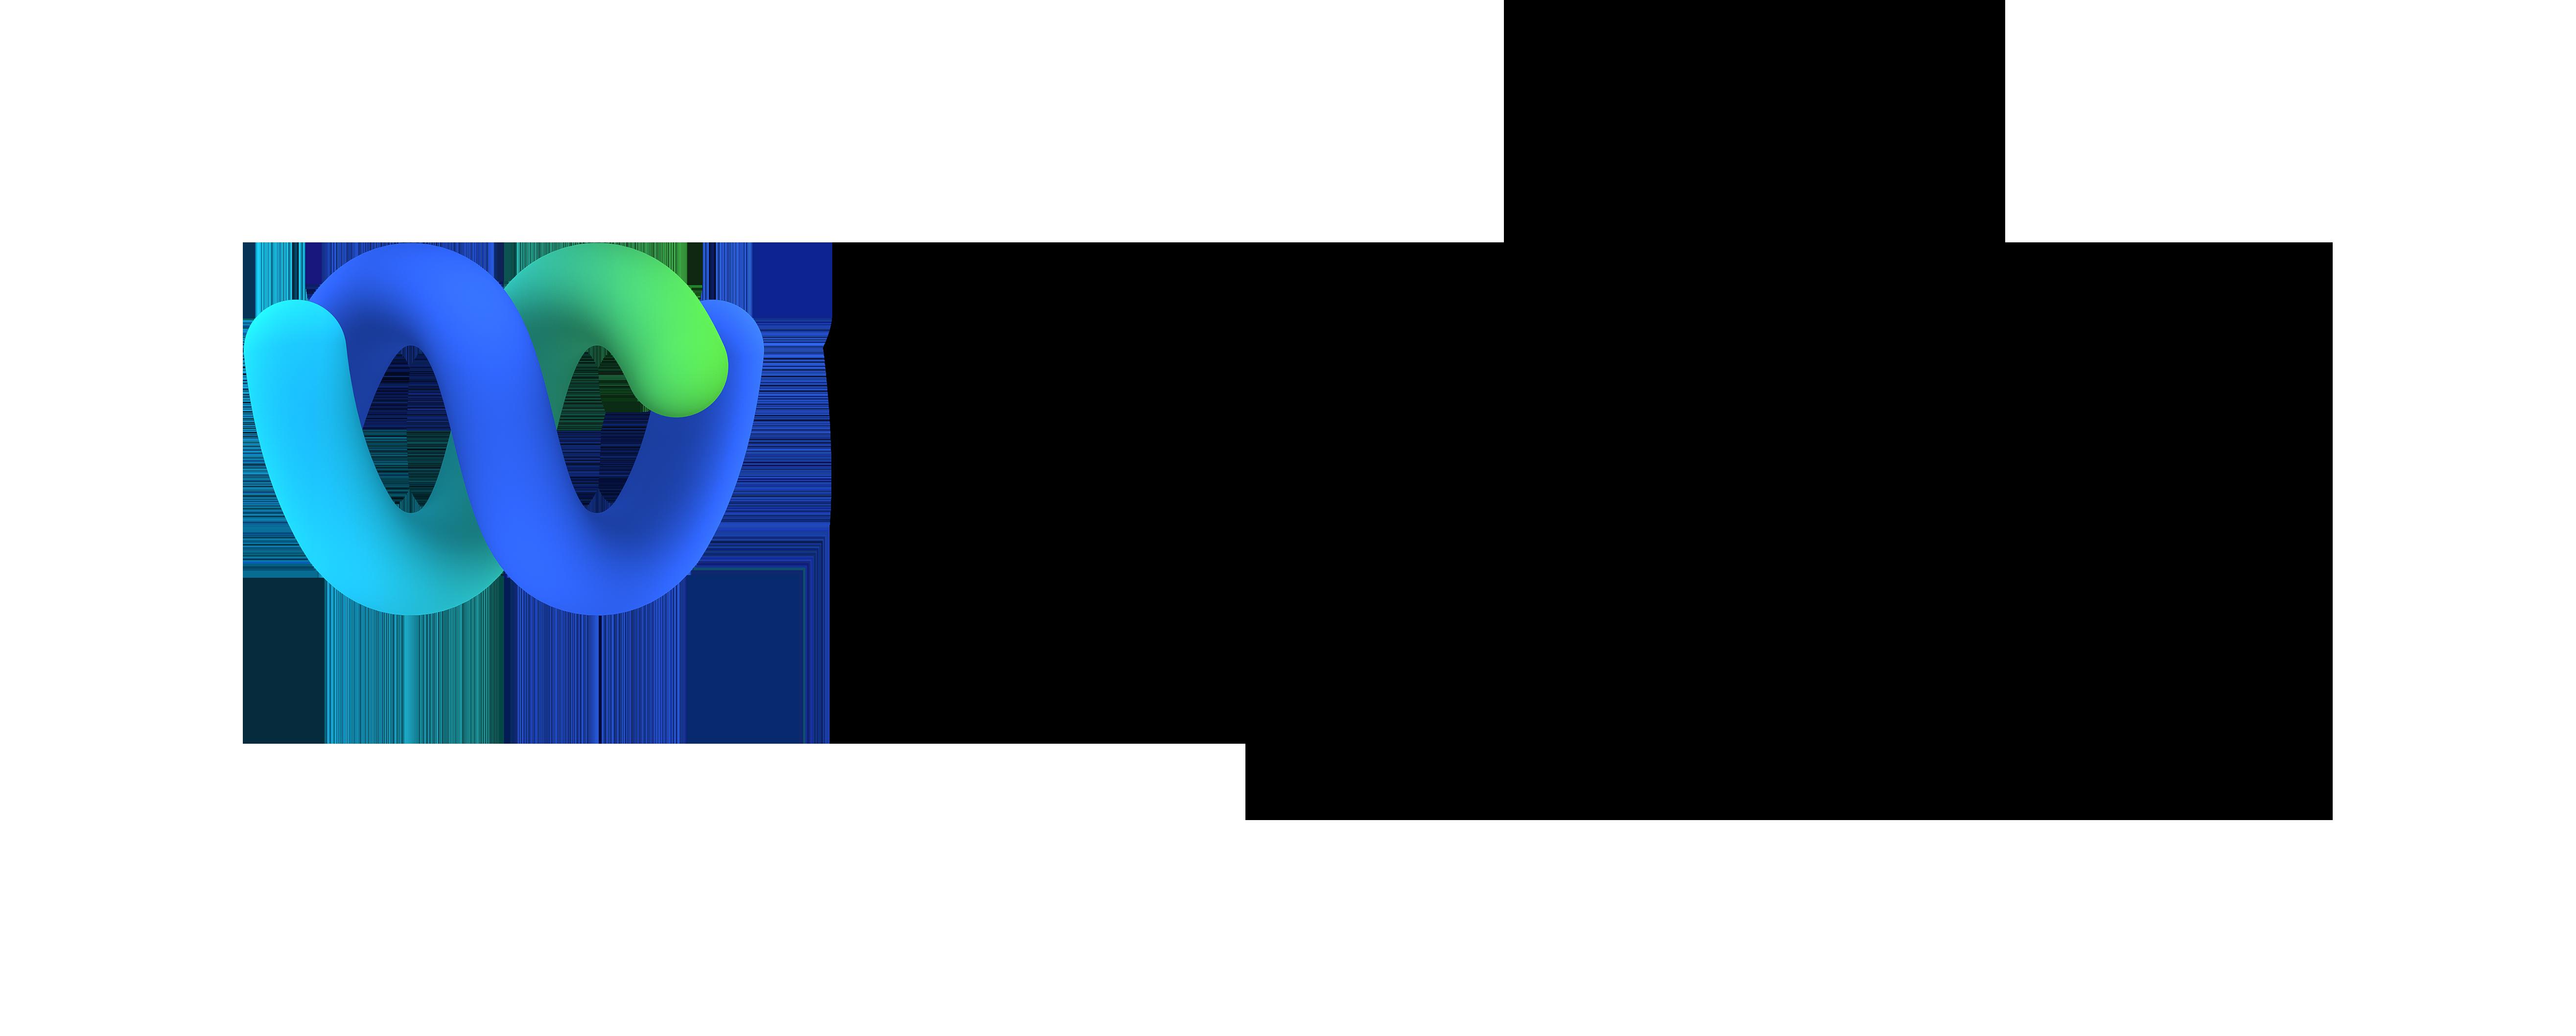 cisco ip phone tutorials